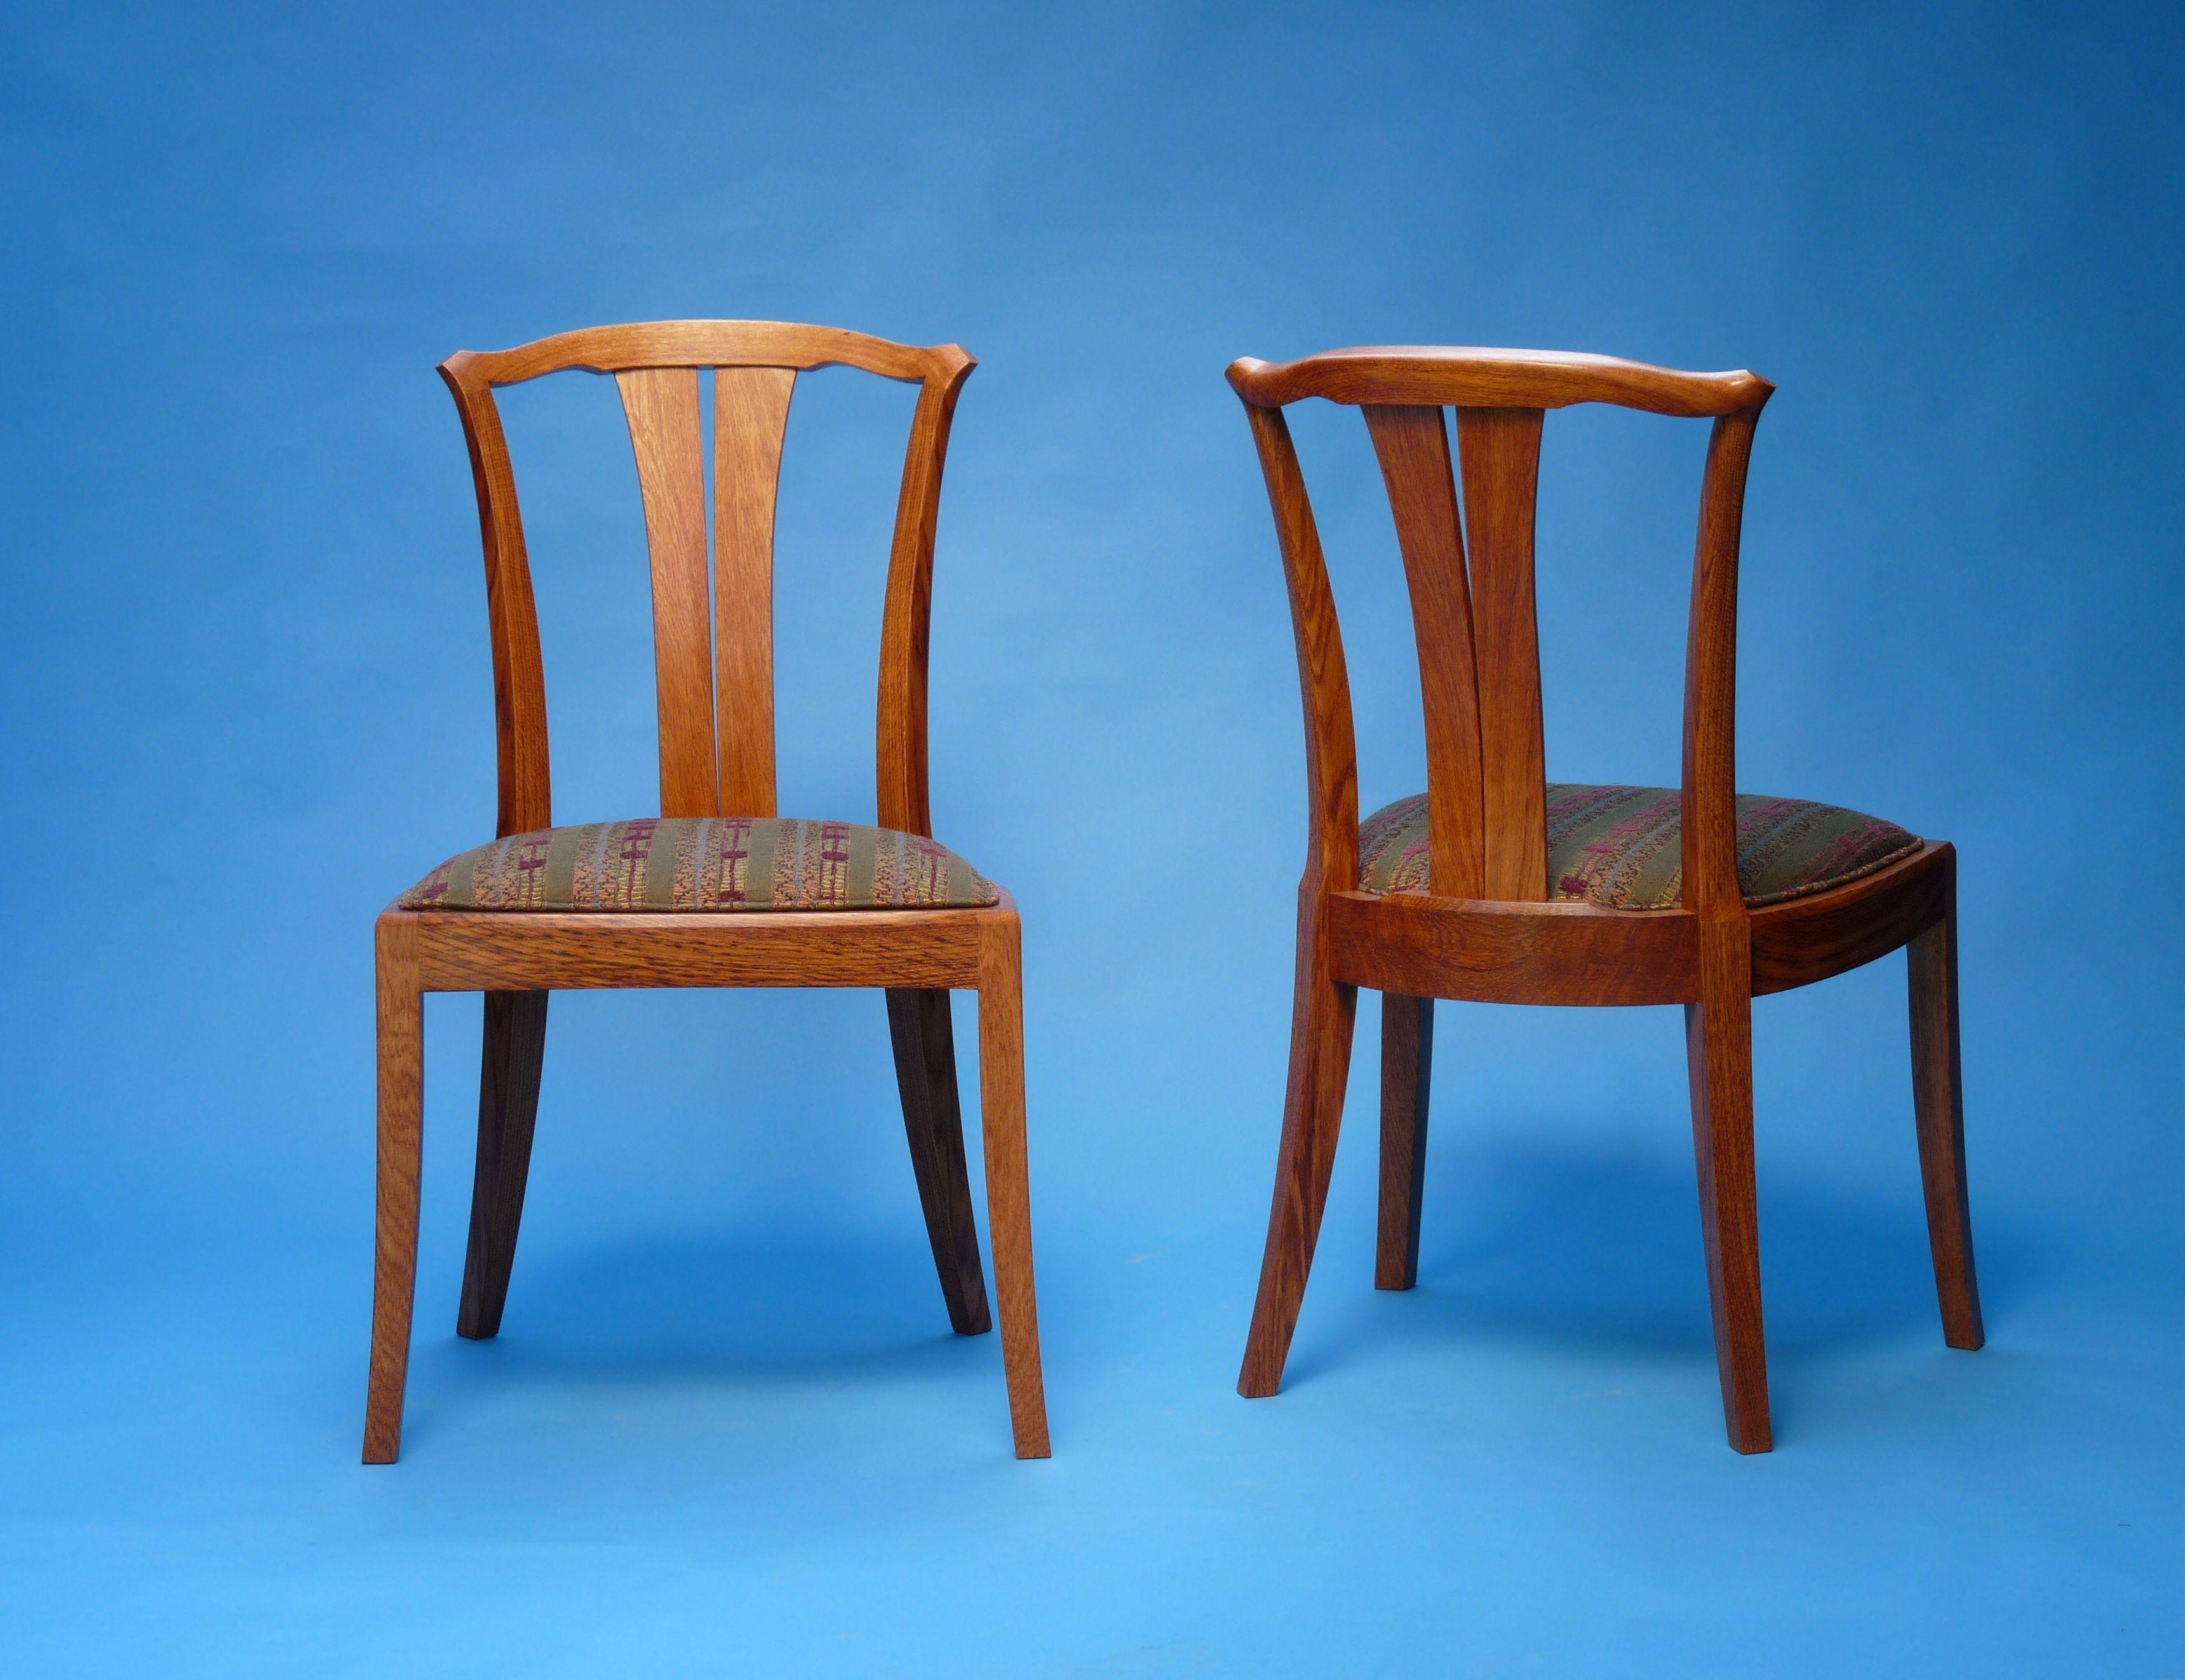 Linnea Side Chair in cherry by NWG member John Thoe